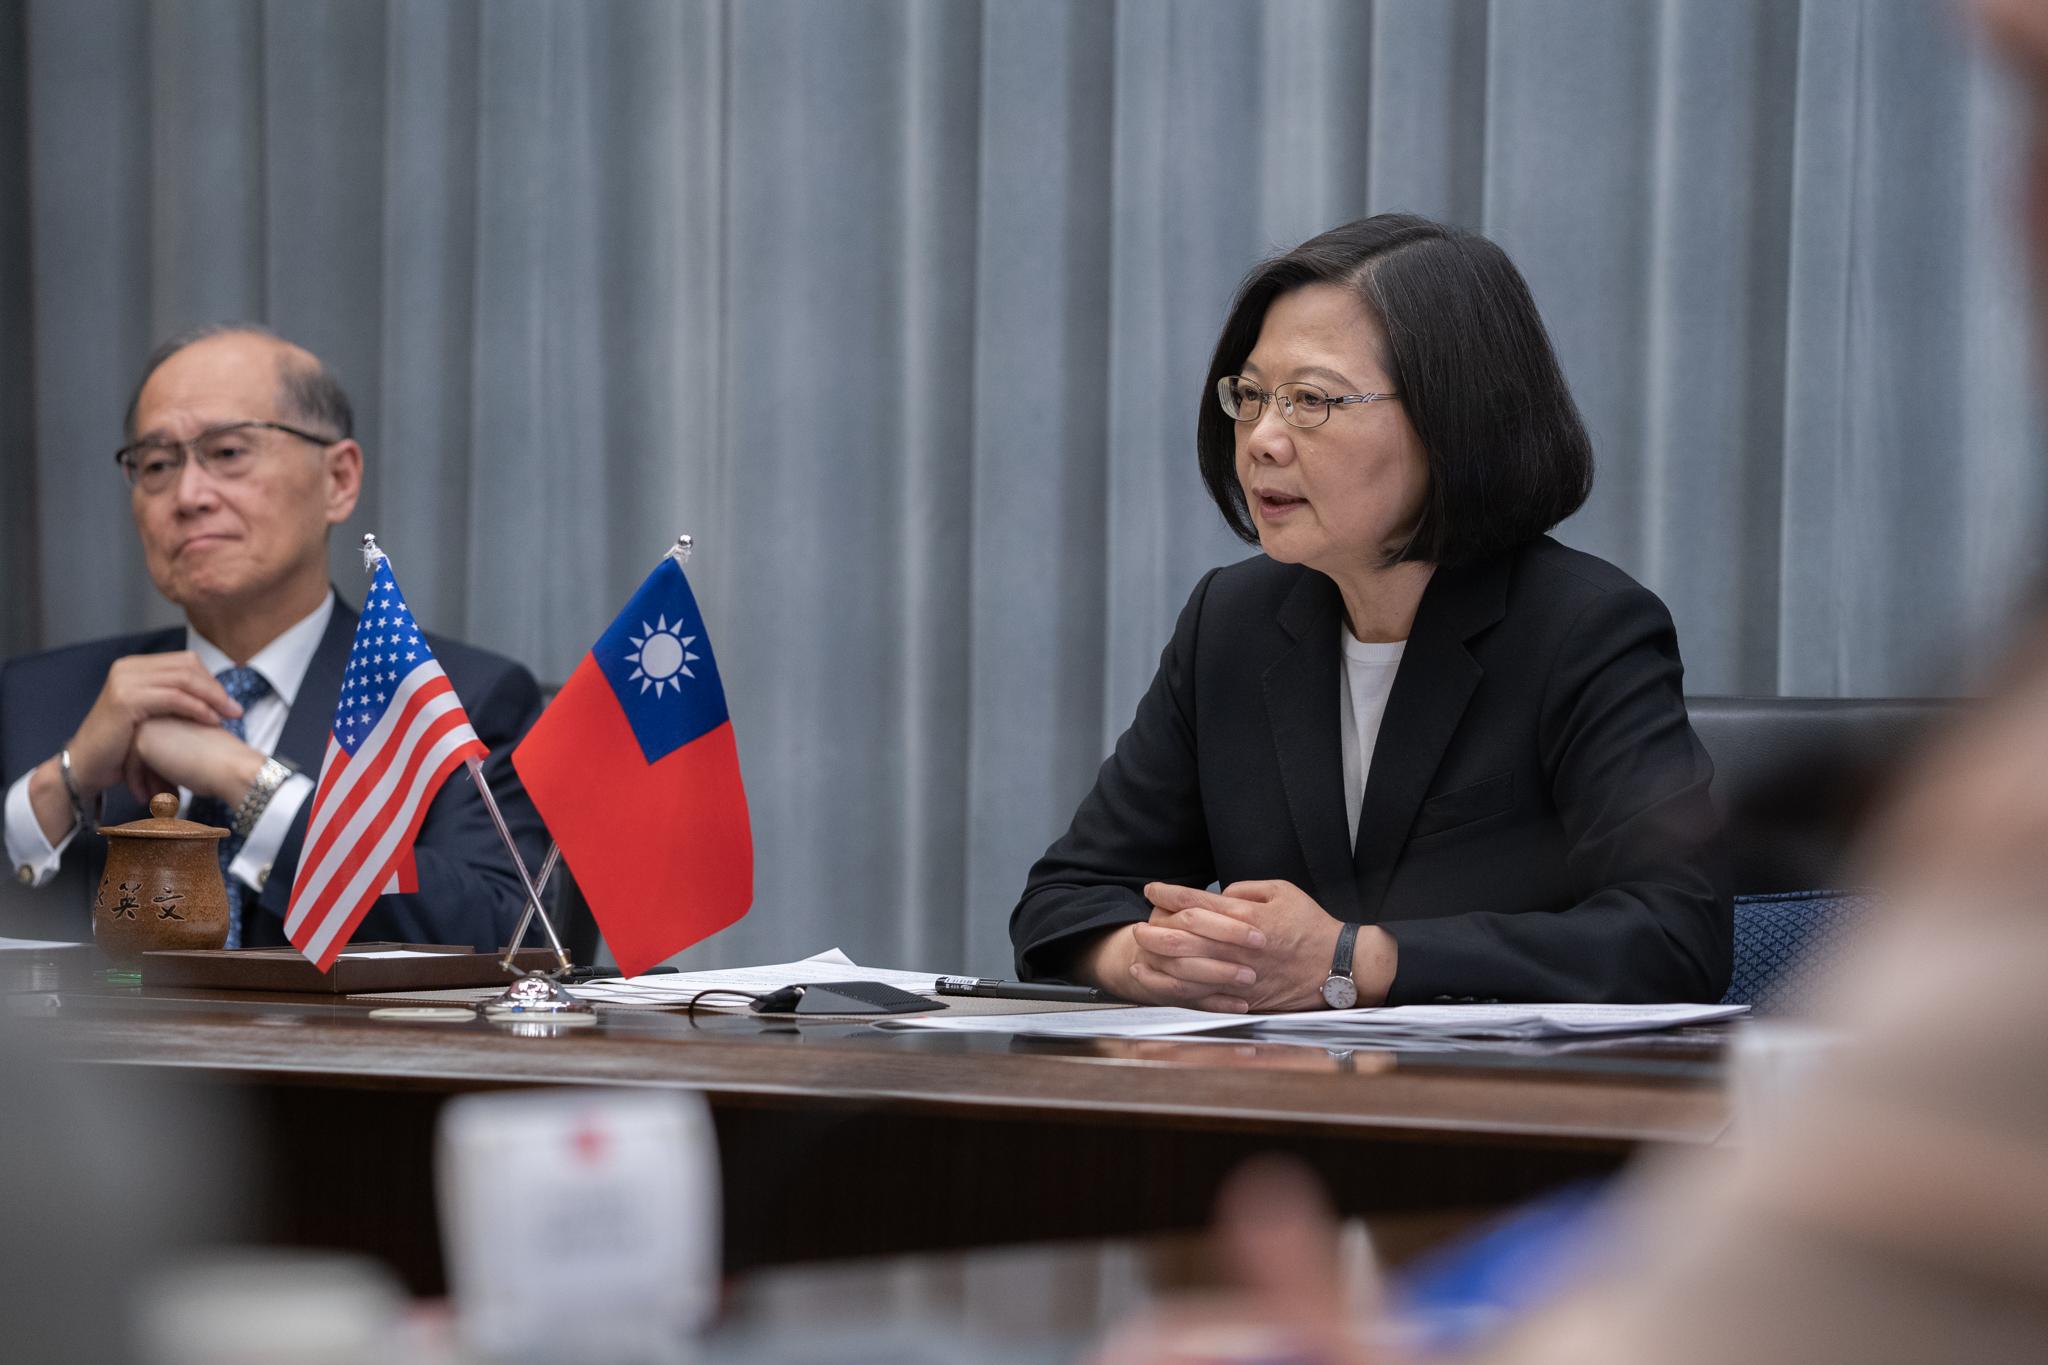 筆者認為,總統蔡英文的內鬥及邪惡本質,其實也和中國國家主席習近平的狡詐不相上下。圖片來源:Taiwan Presidential Office/Flickr